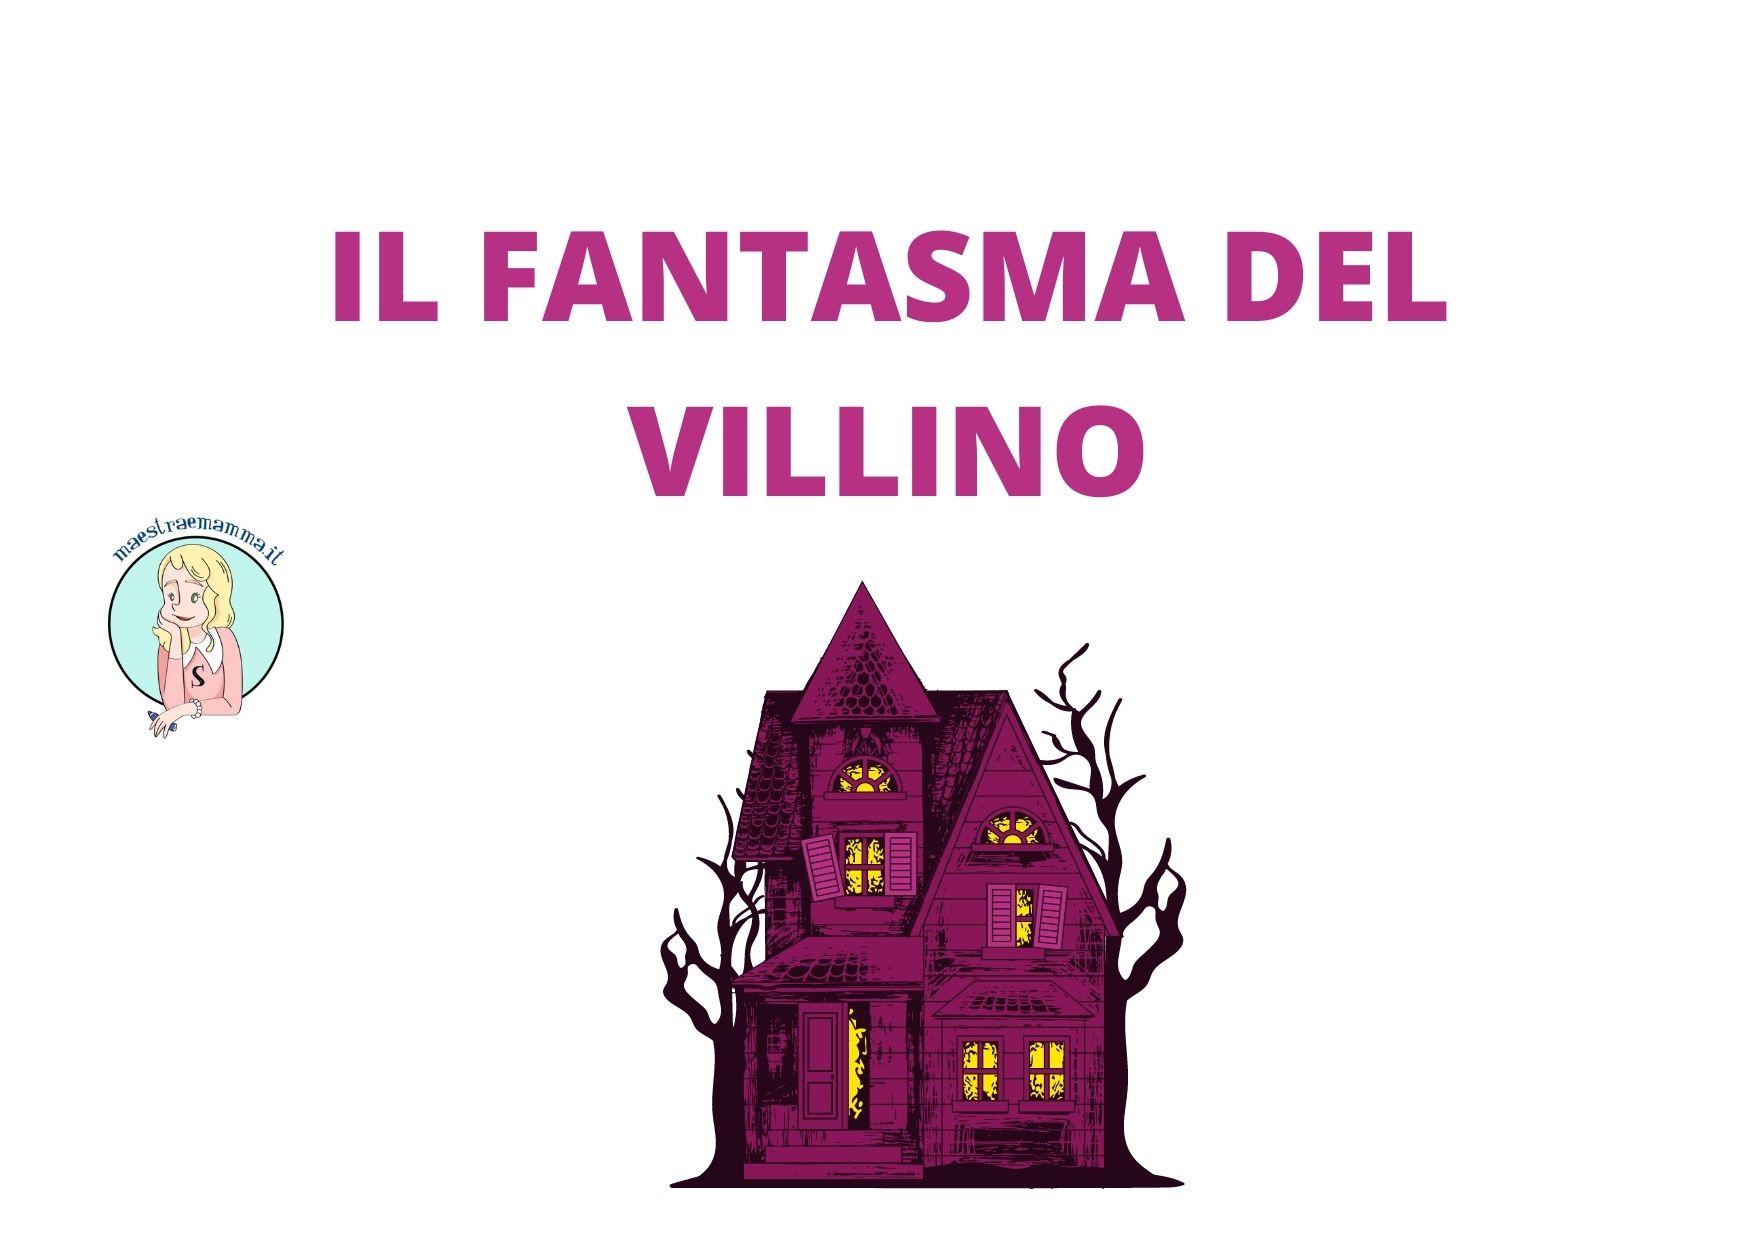 Il fantasma del villino – scheda didattica – racconto fantastico per bambini